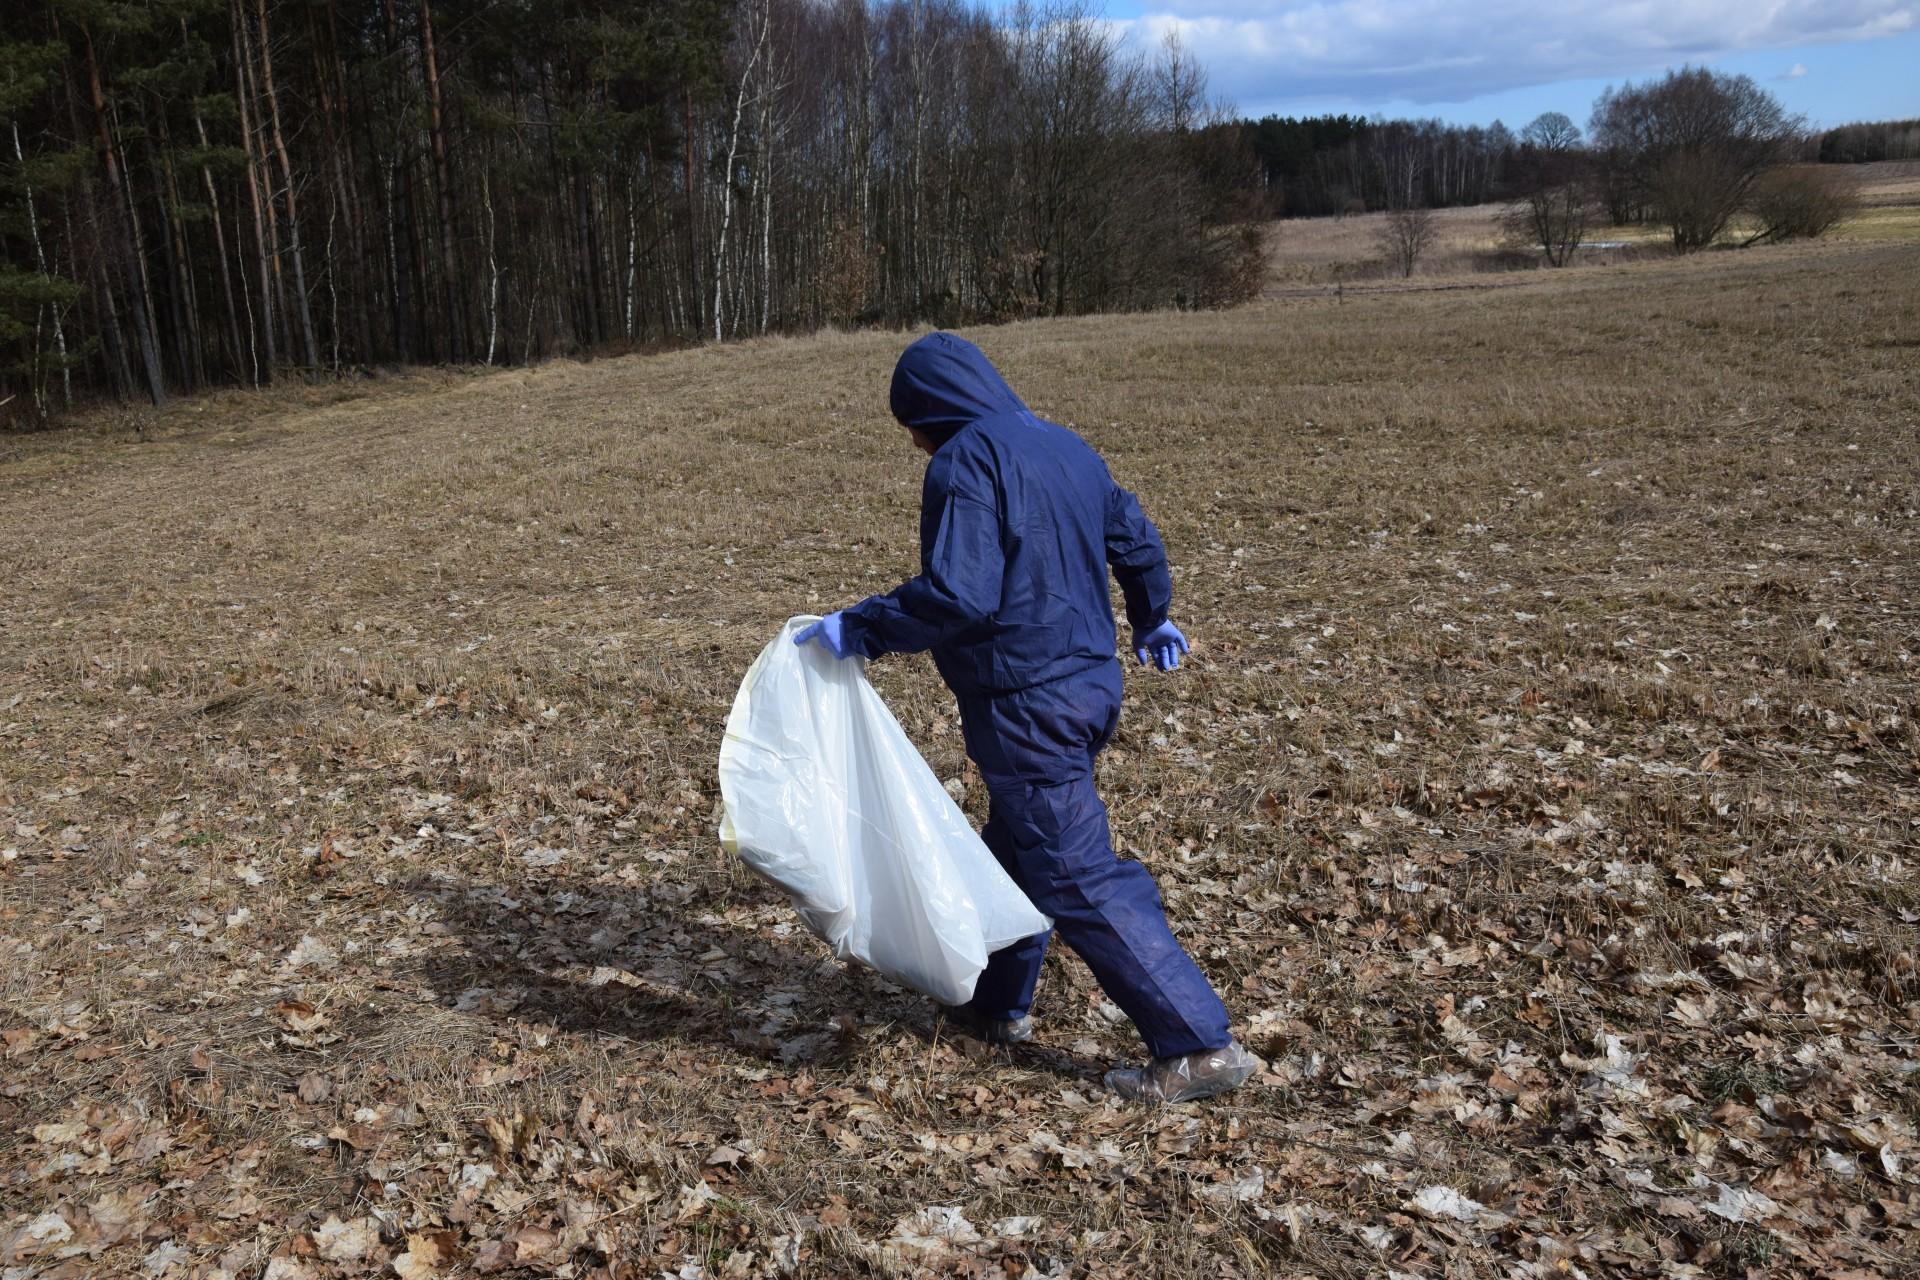 Szczątki dzików rozrzucone na polu. Tak wygląda walka z ASF? 4